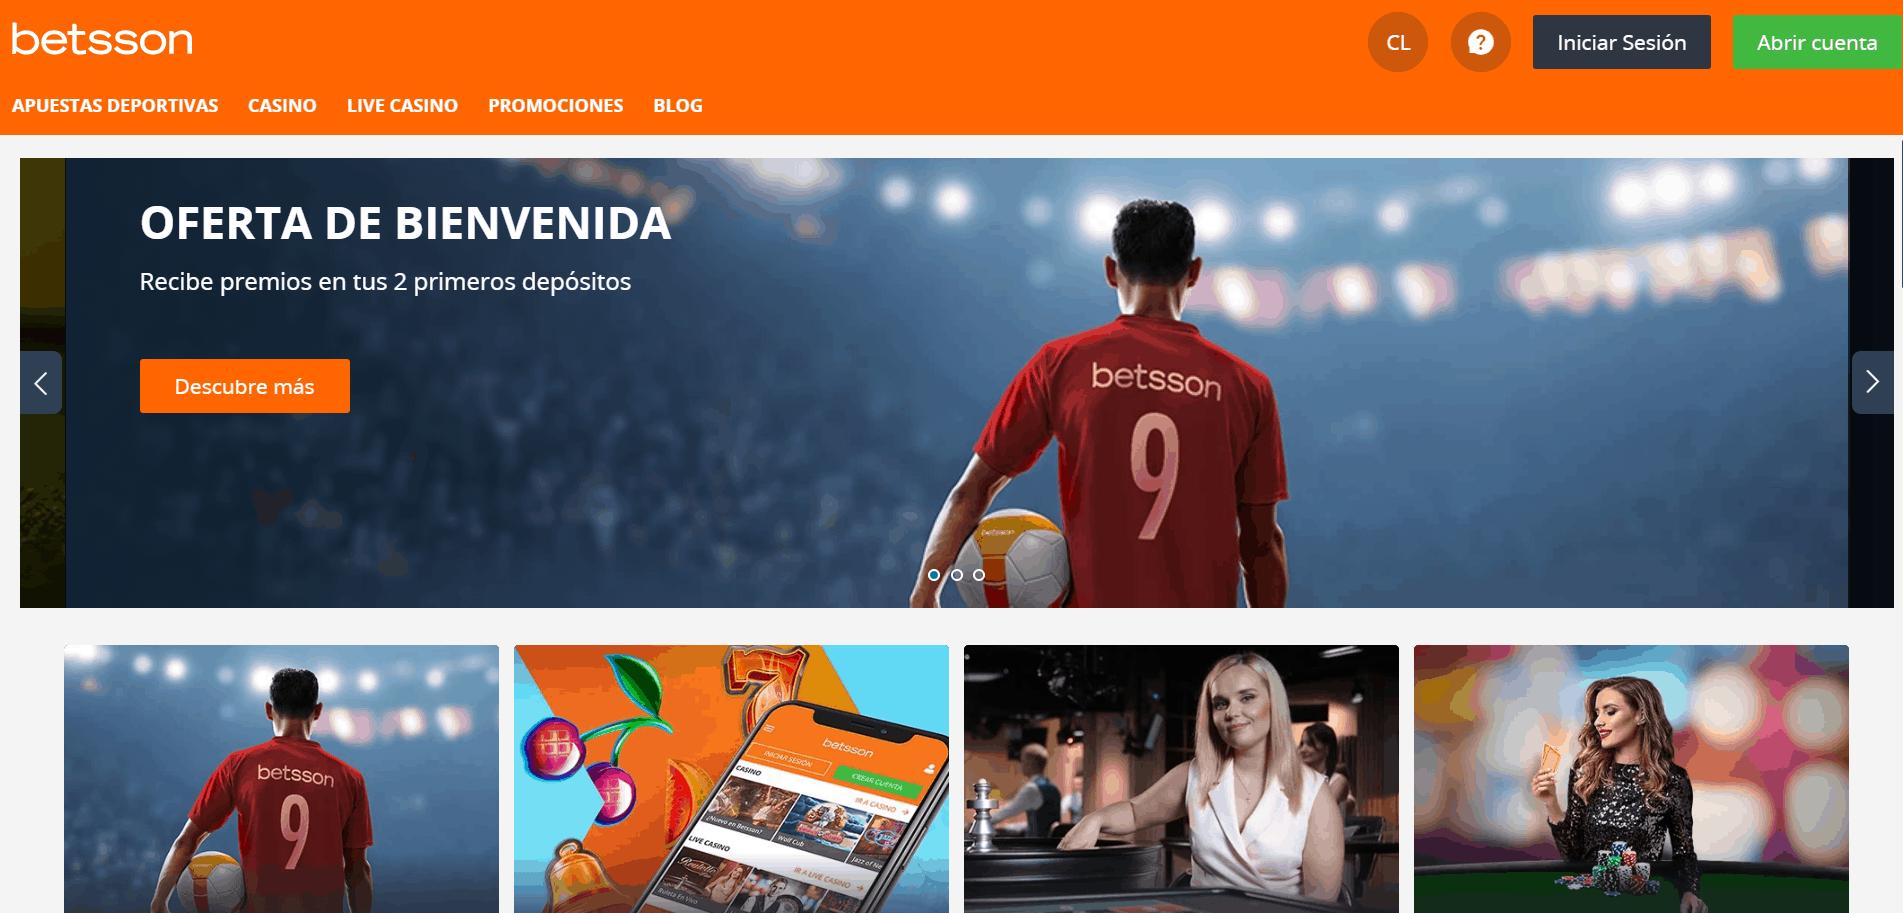 Betsson Chile desktop